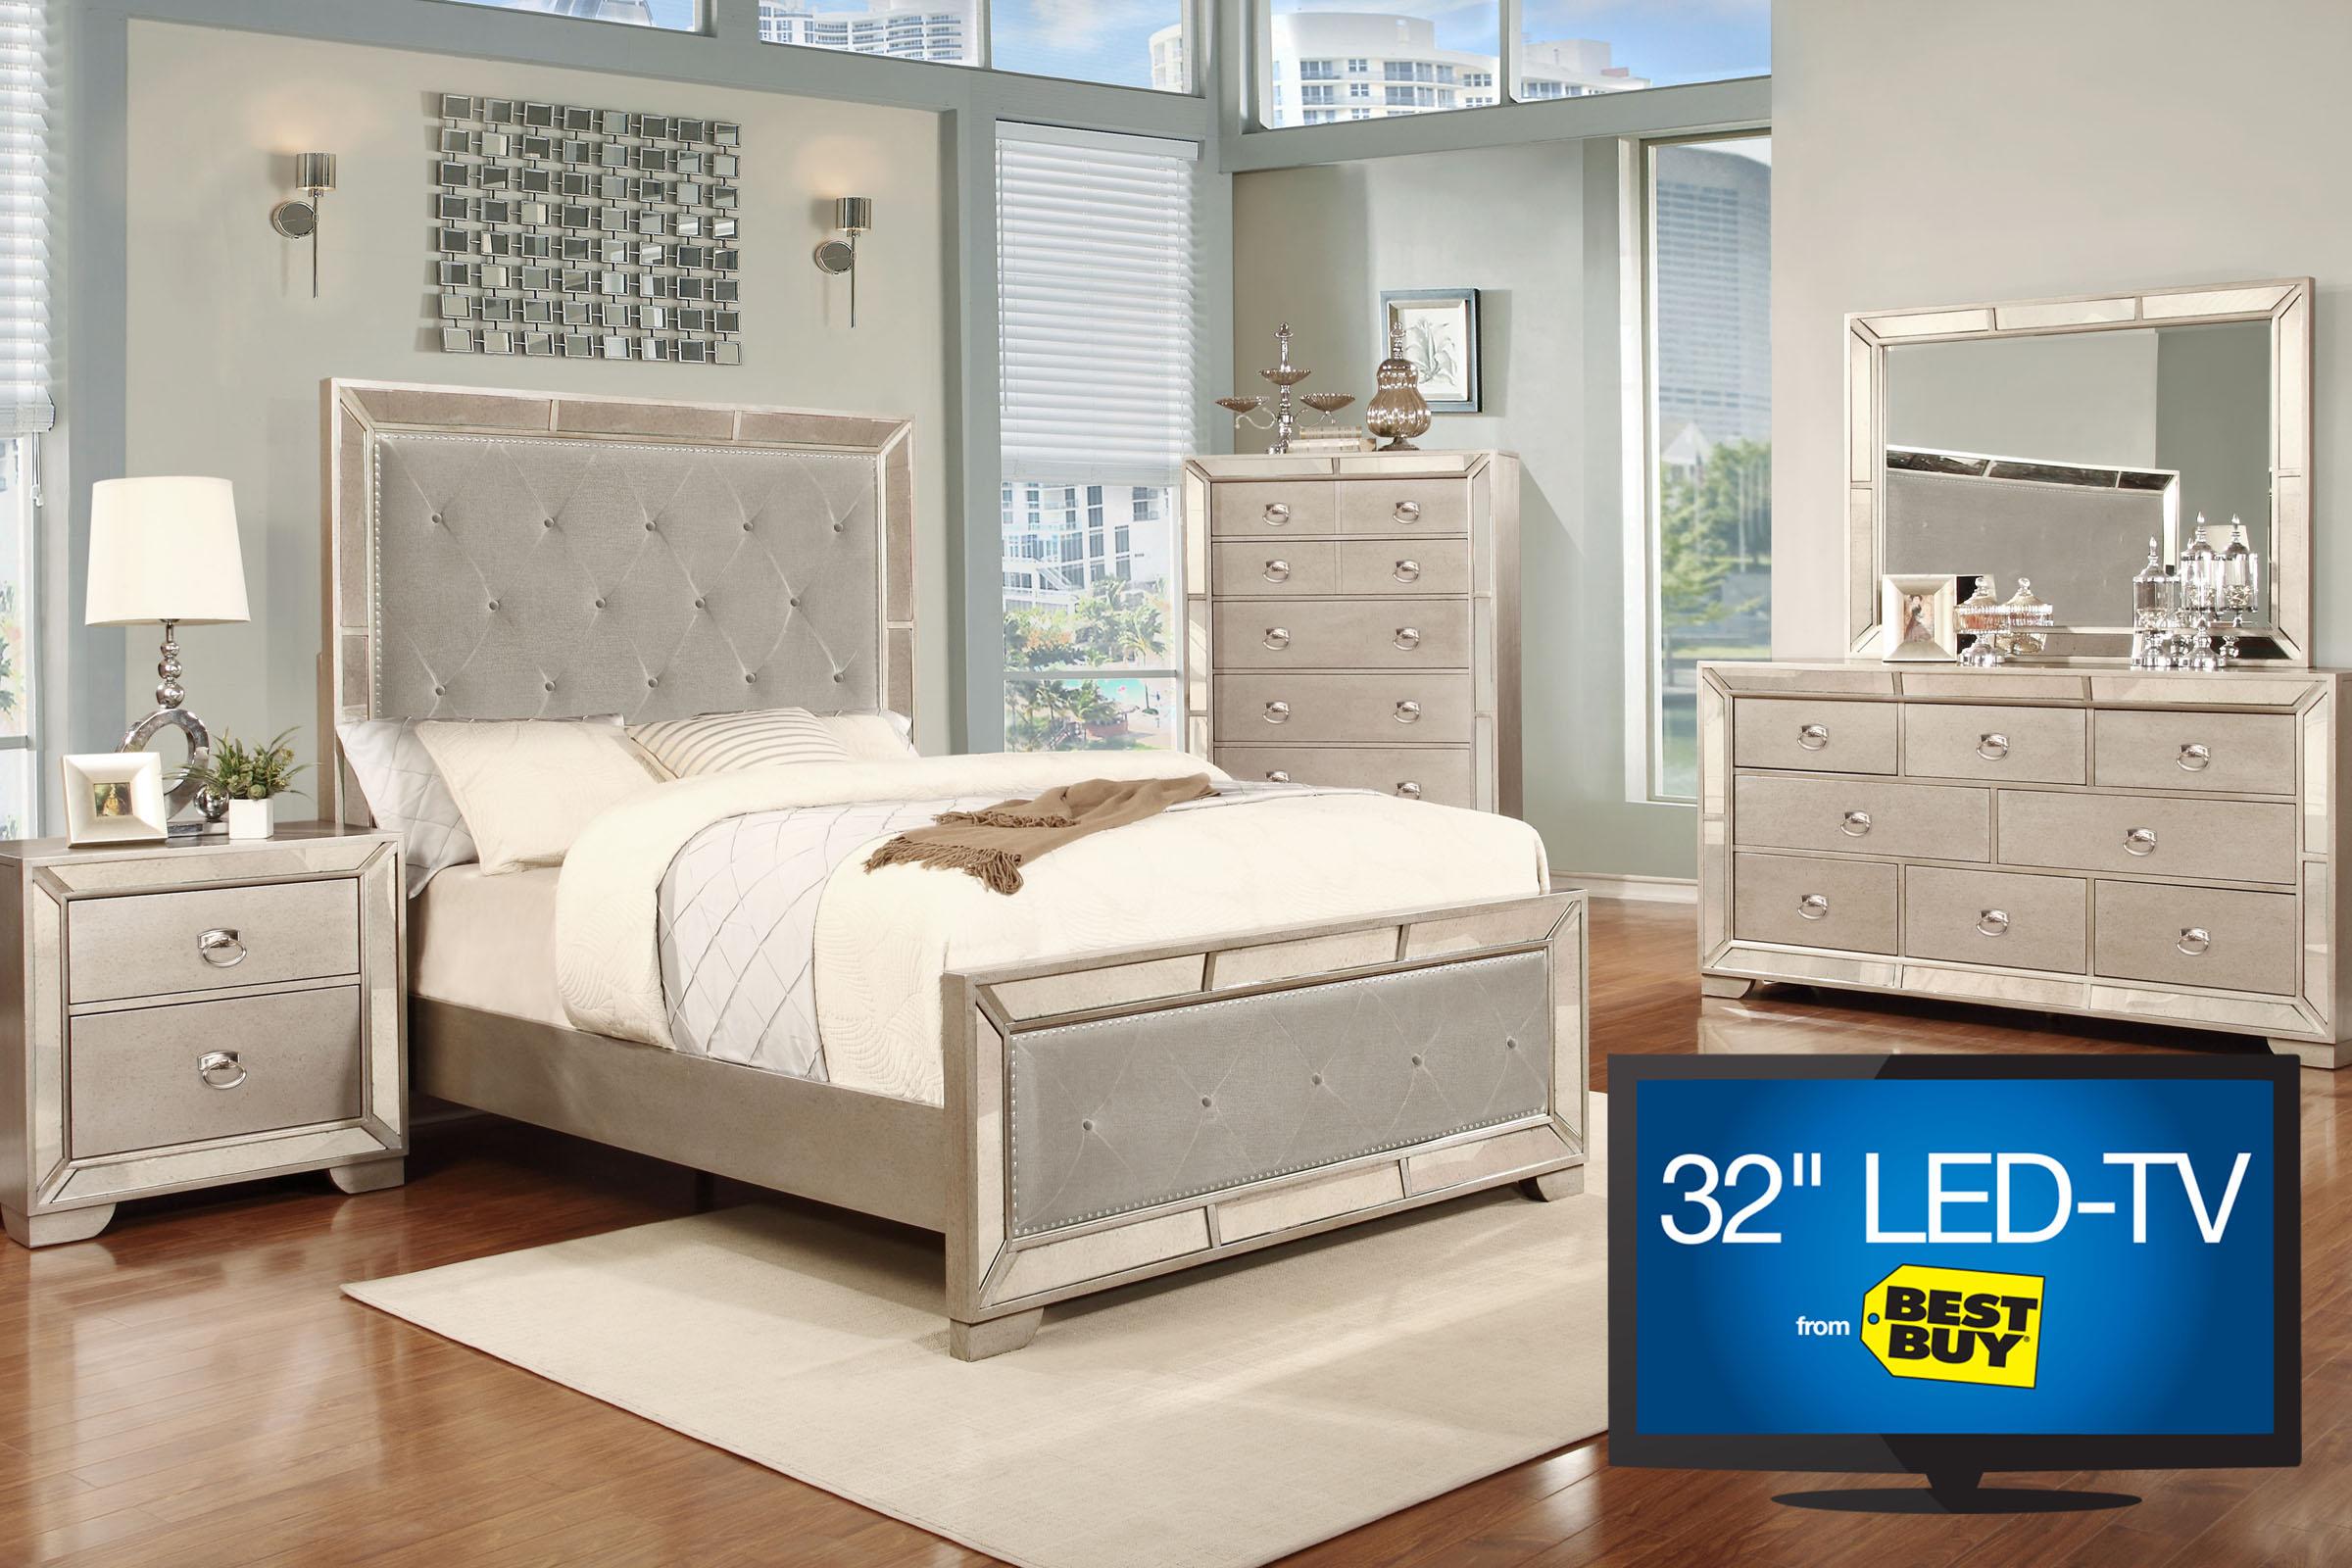 Image 5-Piece Queen Bedroom Set with 32\